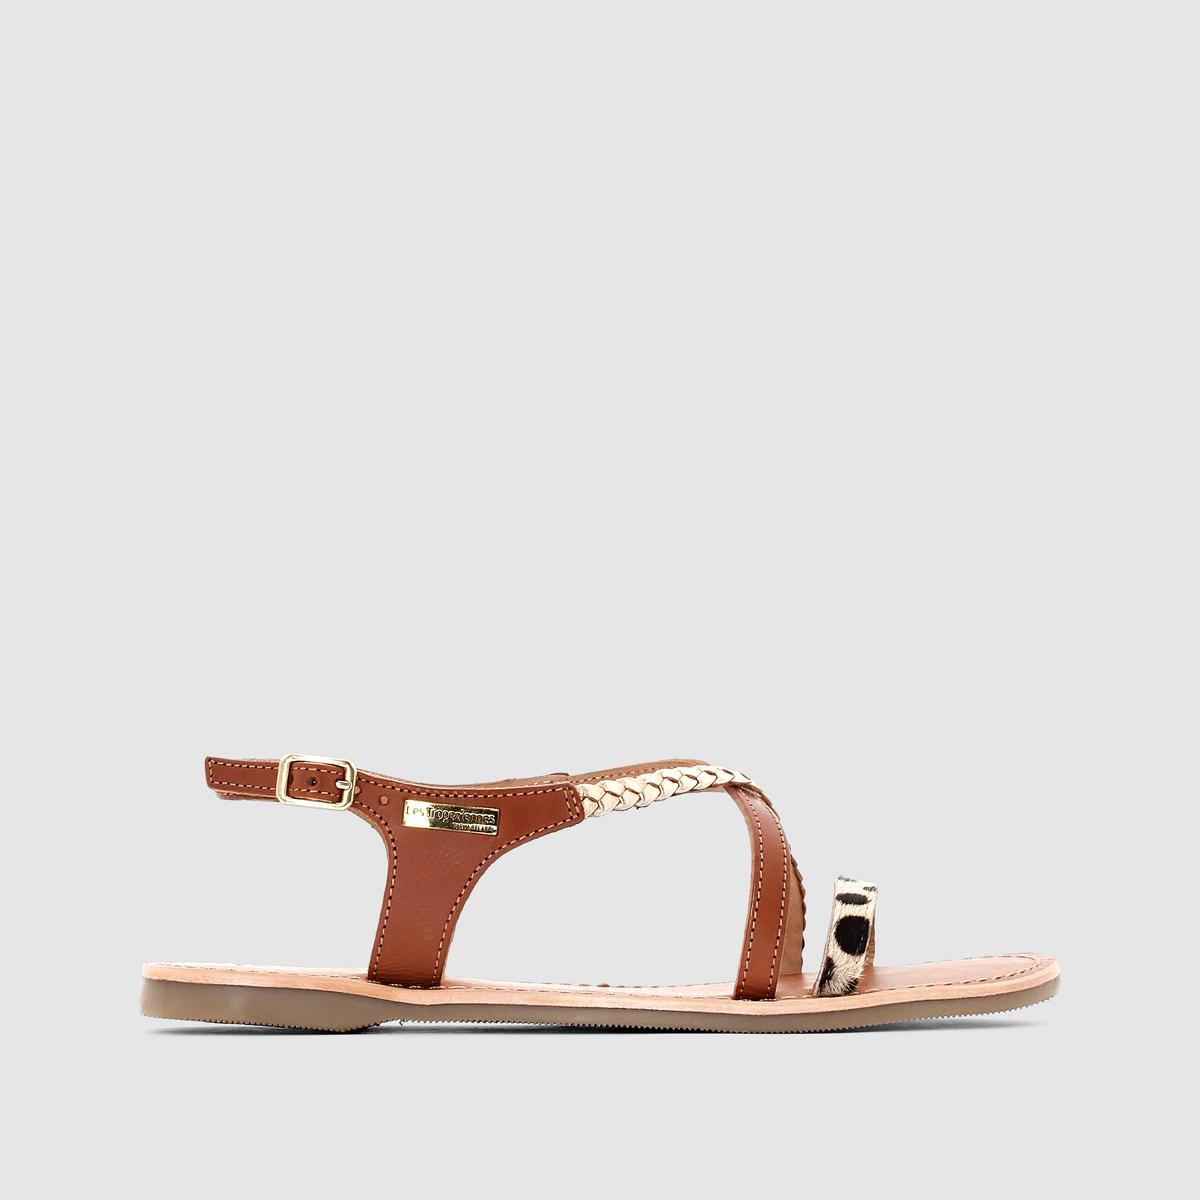 Сандалии Horse, на полоском каблуке, из кожиОчаровательные и оригинальные сандалии с минималистским дизайном подарят вам настоящее наслаждение этим летом в сочетании с любыми шортами, юбками и платьями...<br><br>Цвет: бежевый/ синий,серо-бежевый/леопард